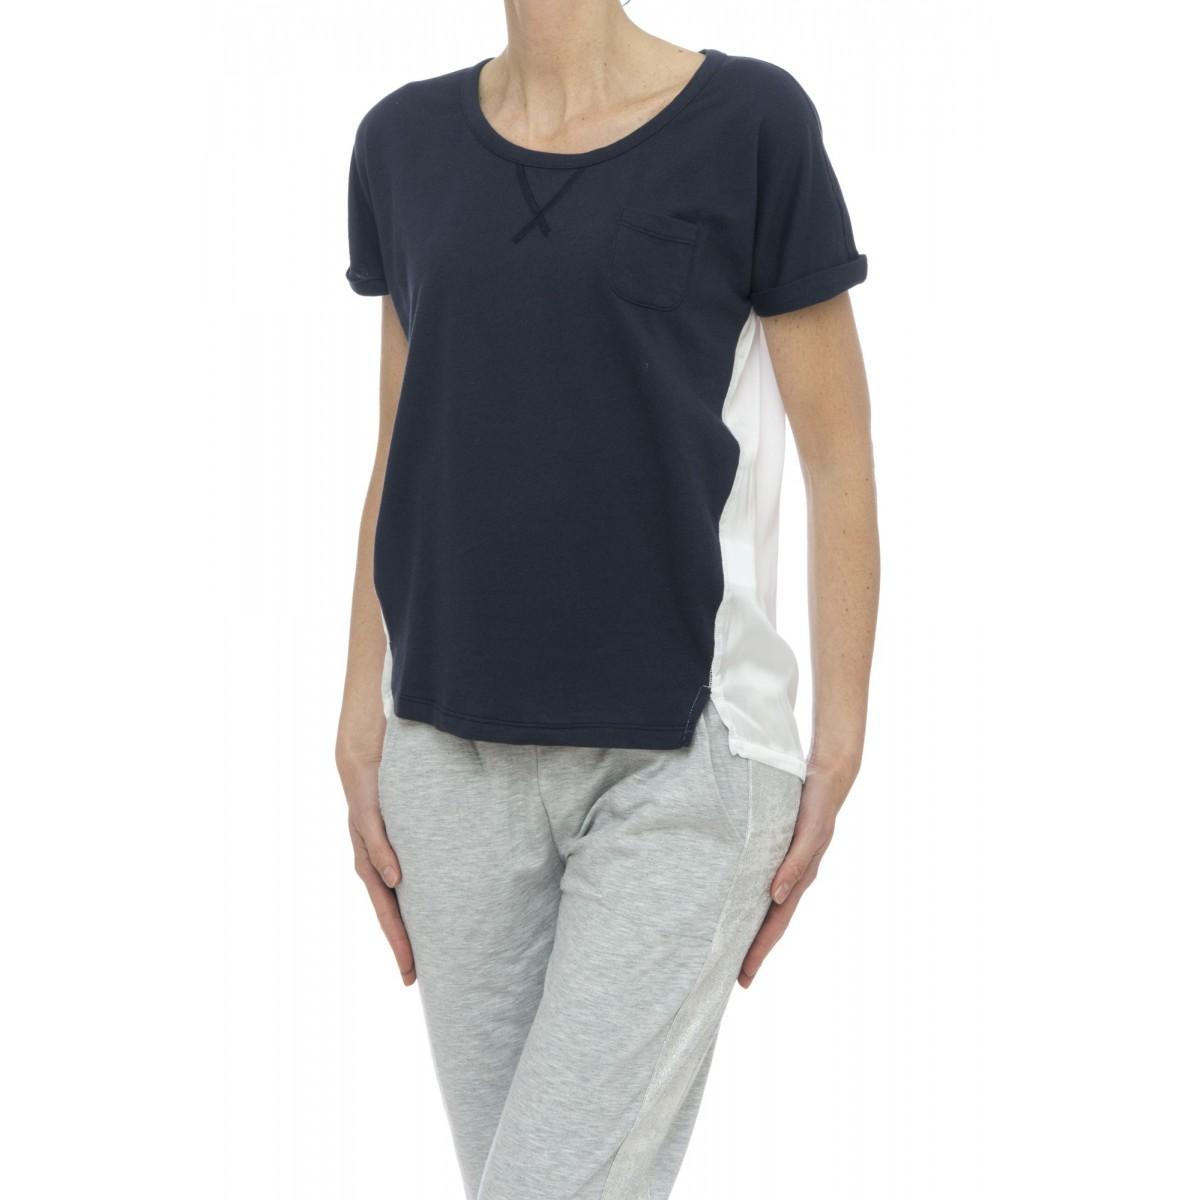 T-shirt - 507 fv03 t-shirt cotone seta